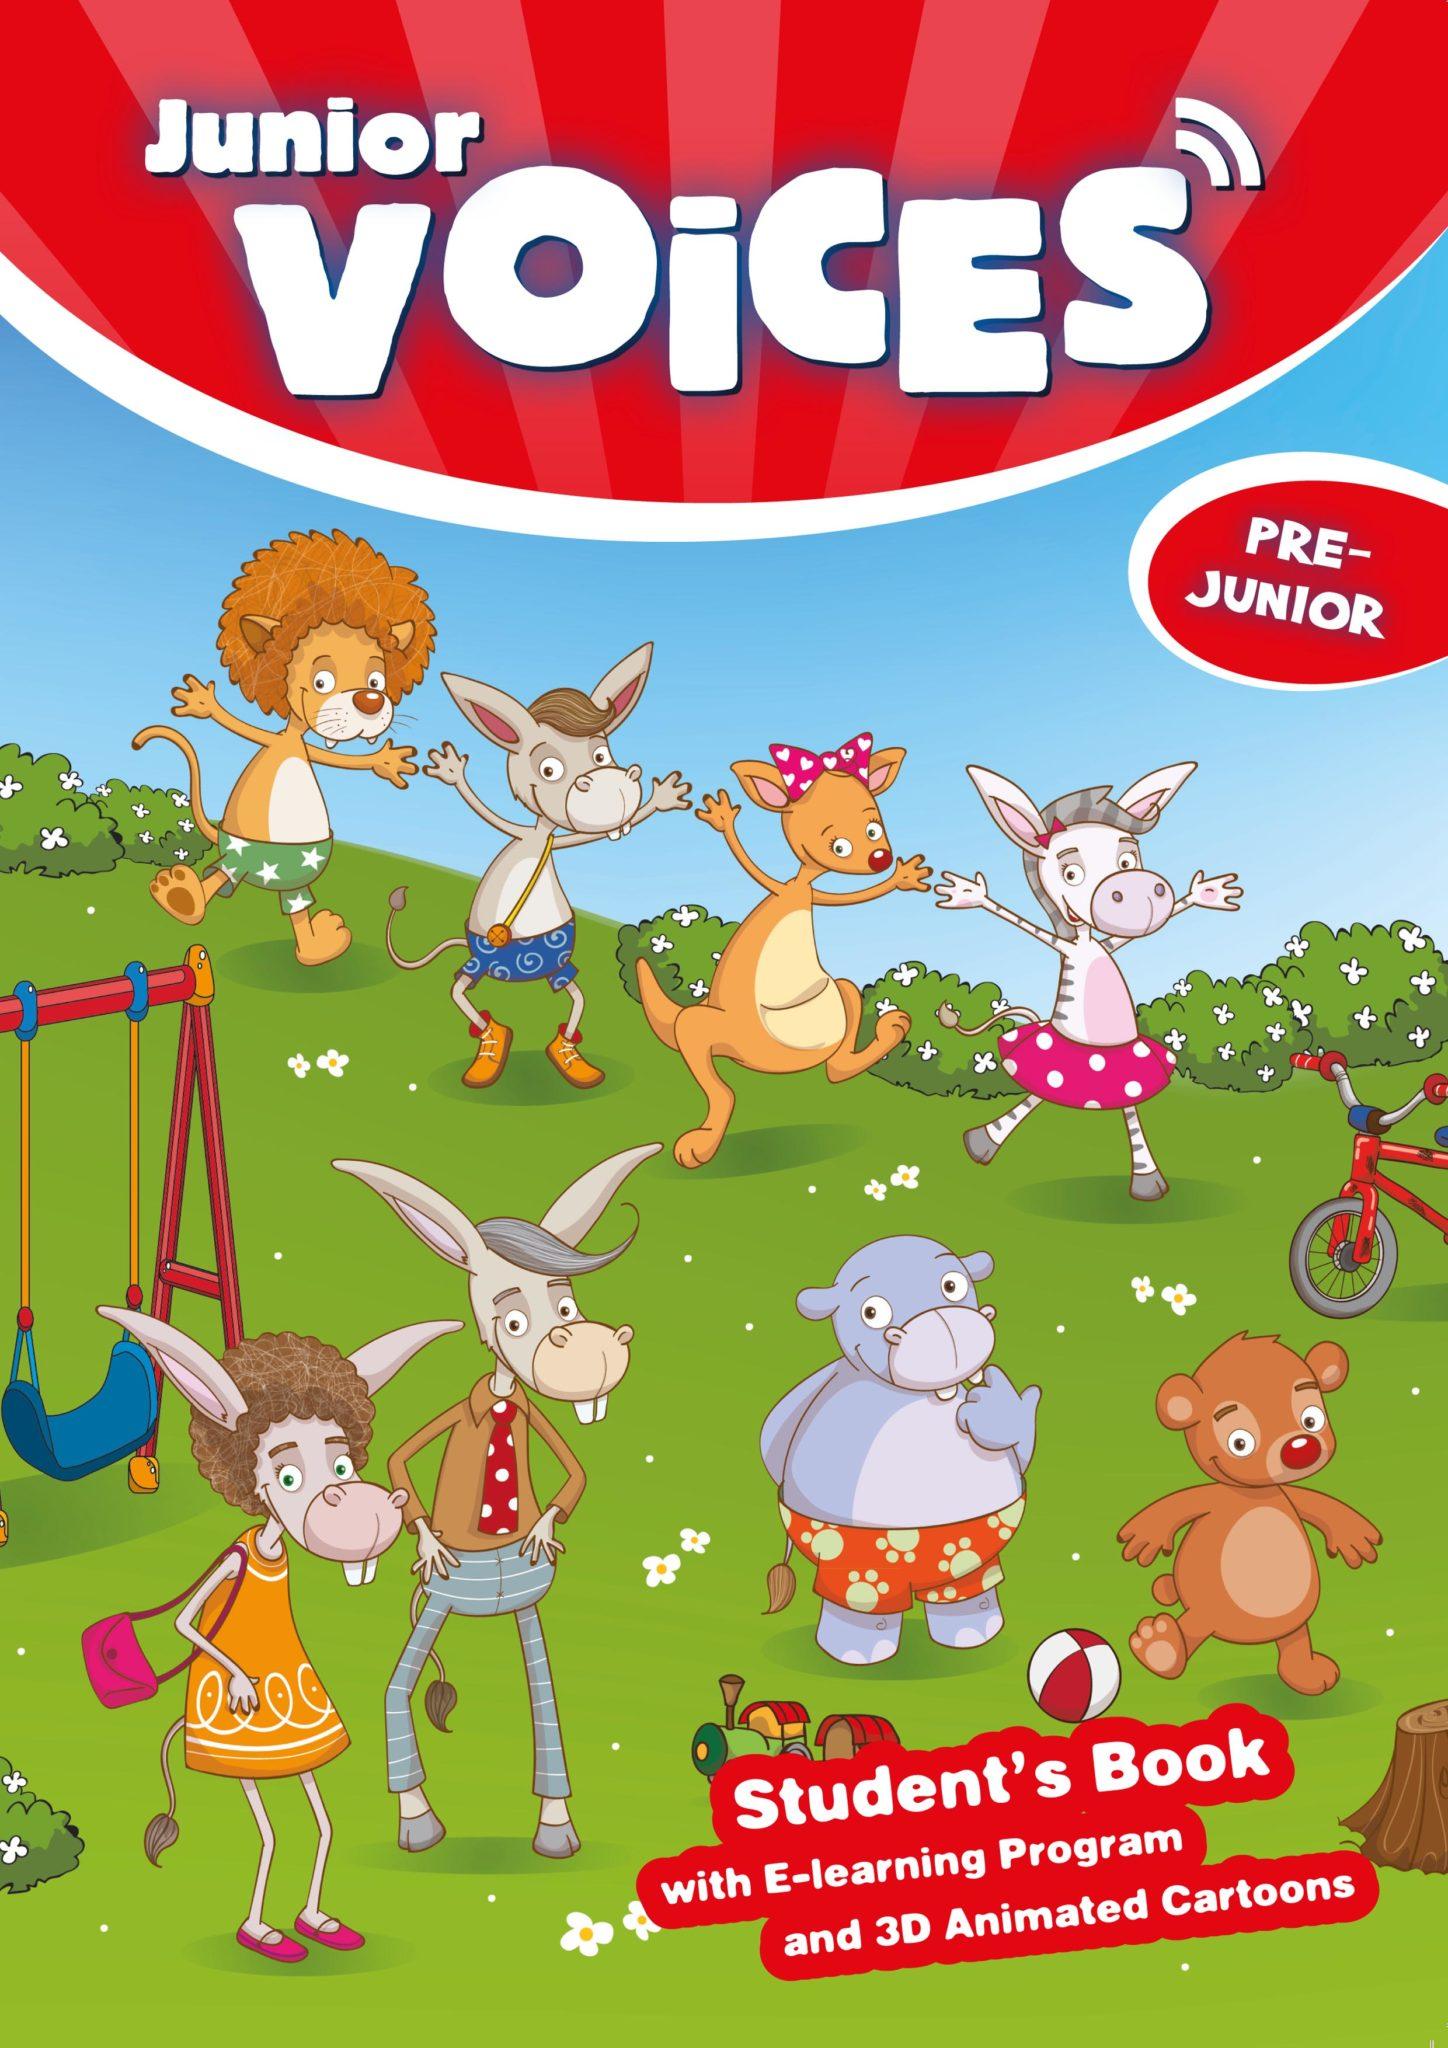 Junior Voices Pre-Junior